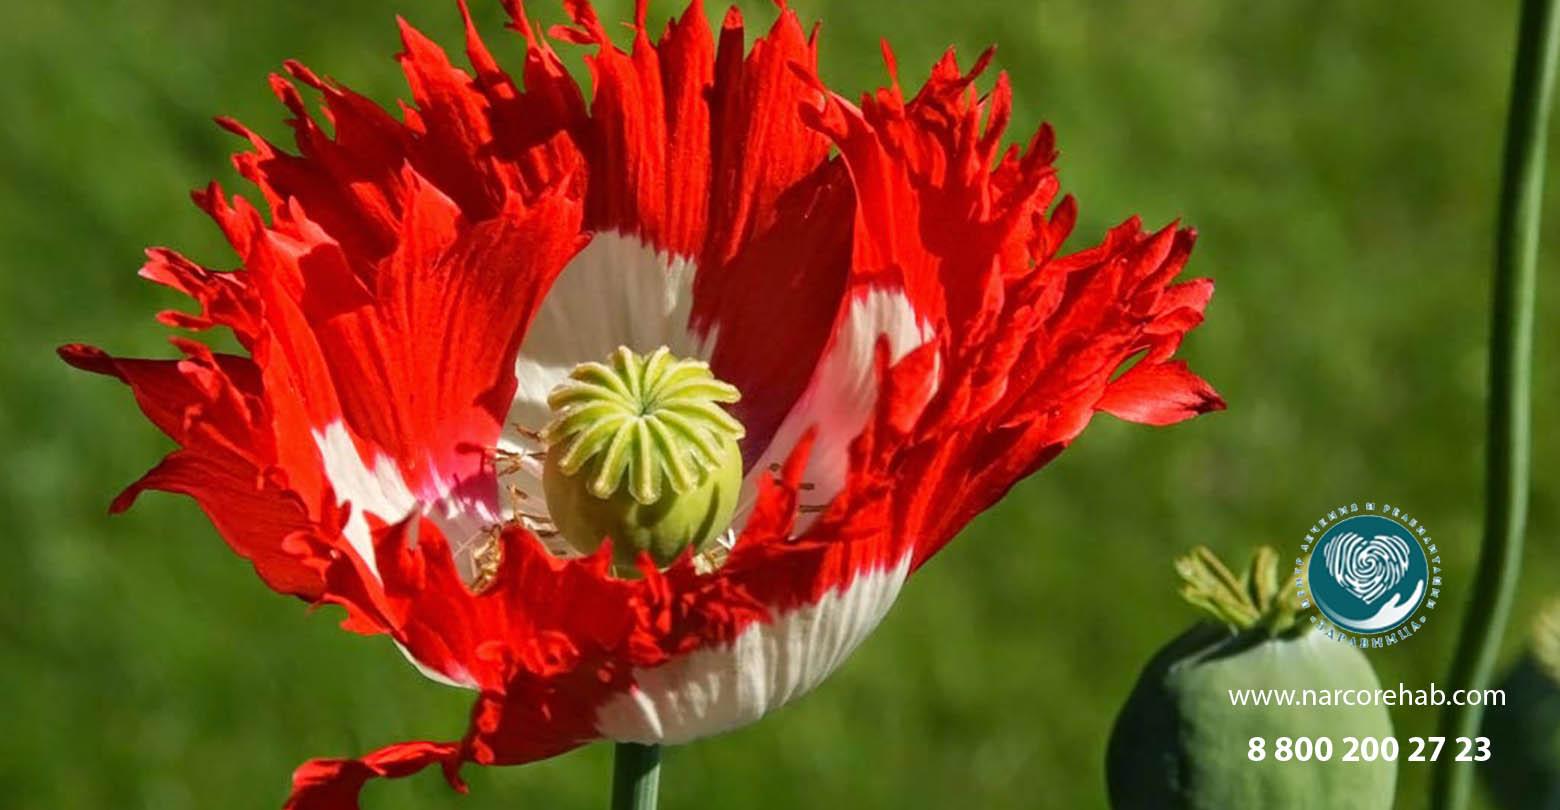 Опиум (Opium): что это, признаки употребления